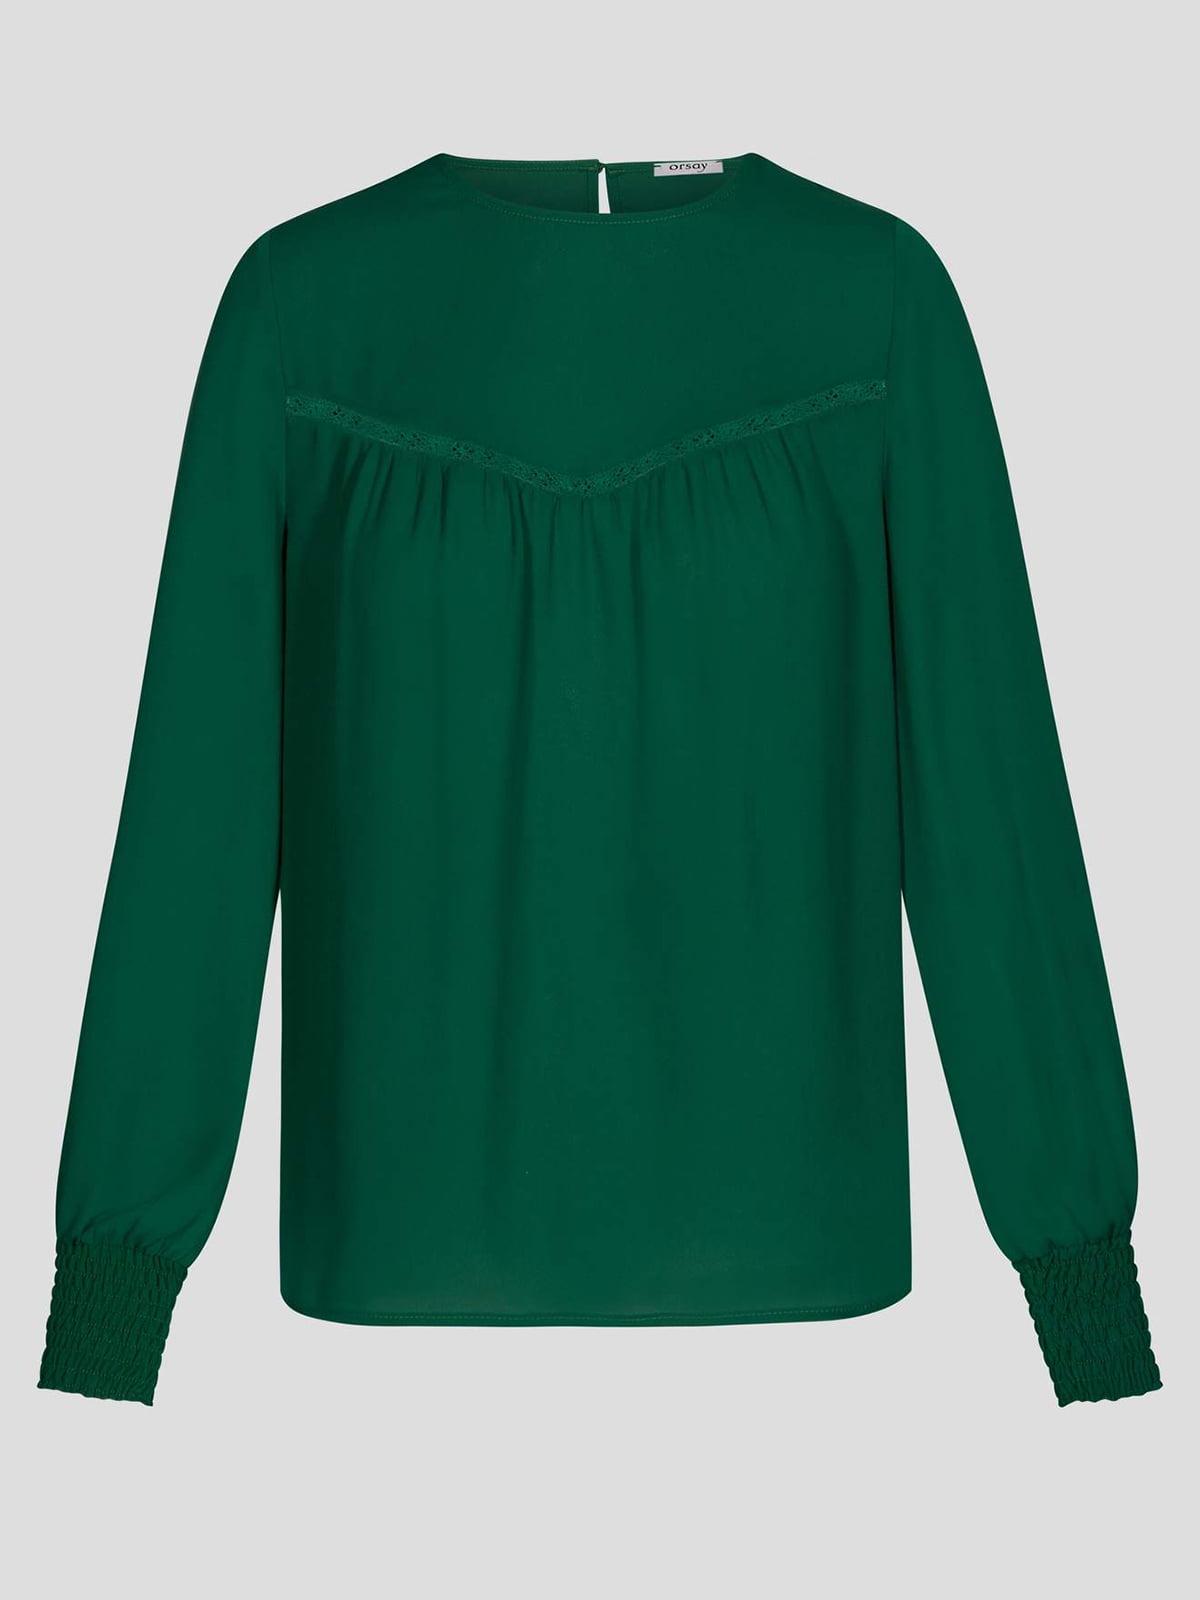 Блуза зеленая   4870984   фото 5